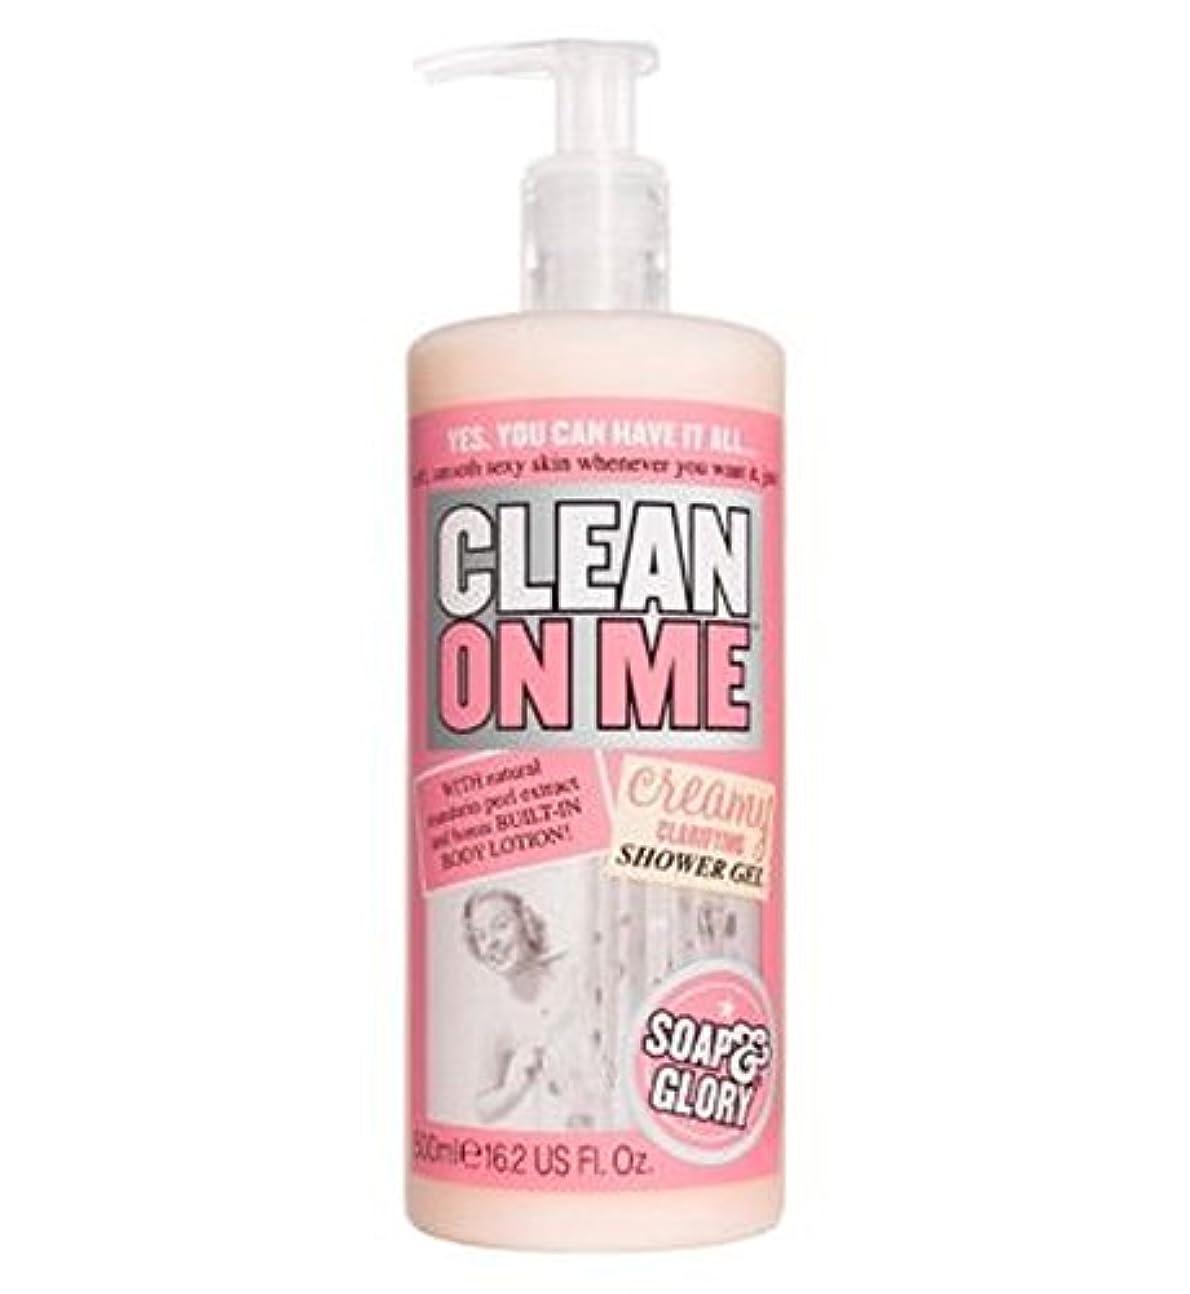 頬骨すごい再生的Soap & Glory Clean On Me Creamy Clarifying Shower Gel 500ml - 私にきれいな石鹸&栄光はシャワージェル500ミリリットルを明確にクリーミー (Soap & Glory...